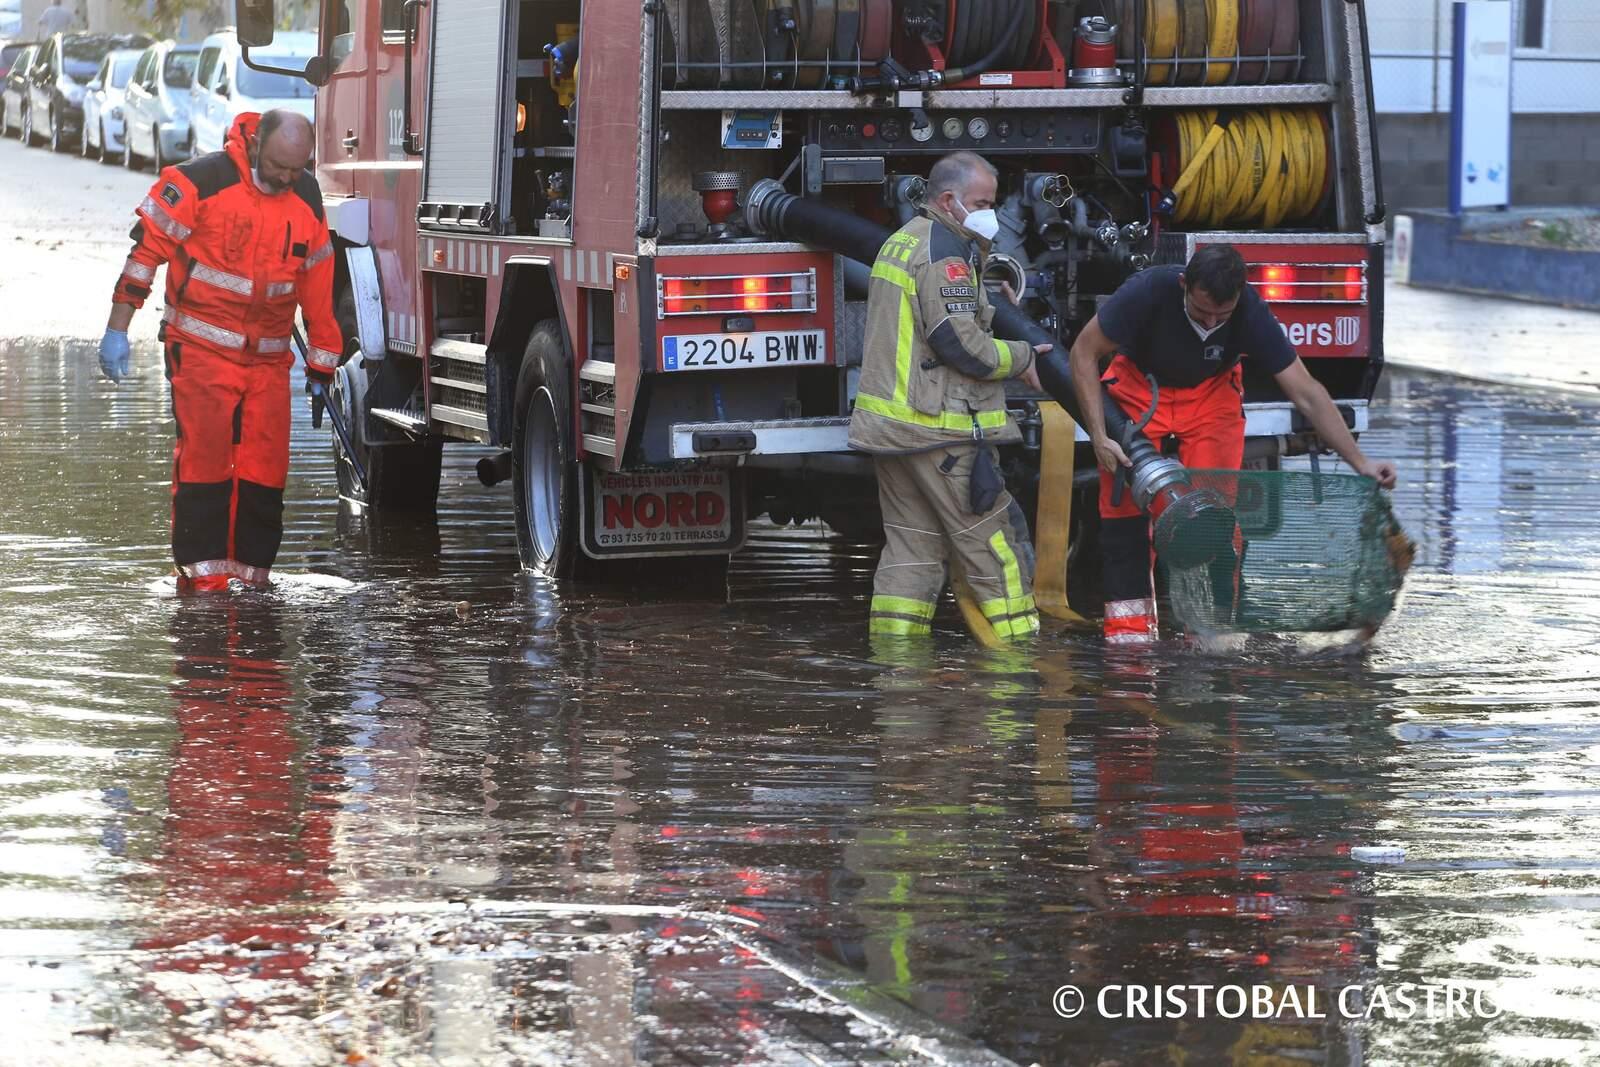 La pluja de diumenge provoca diversos danys a Terrassa